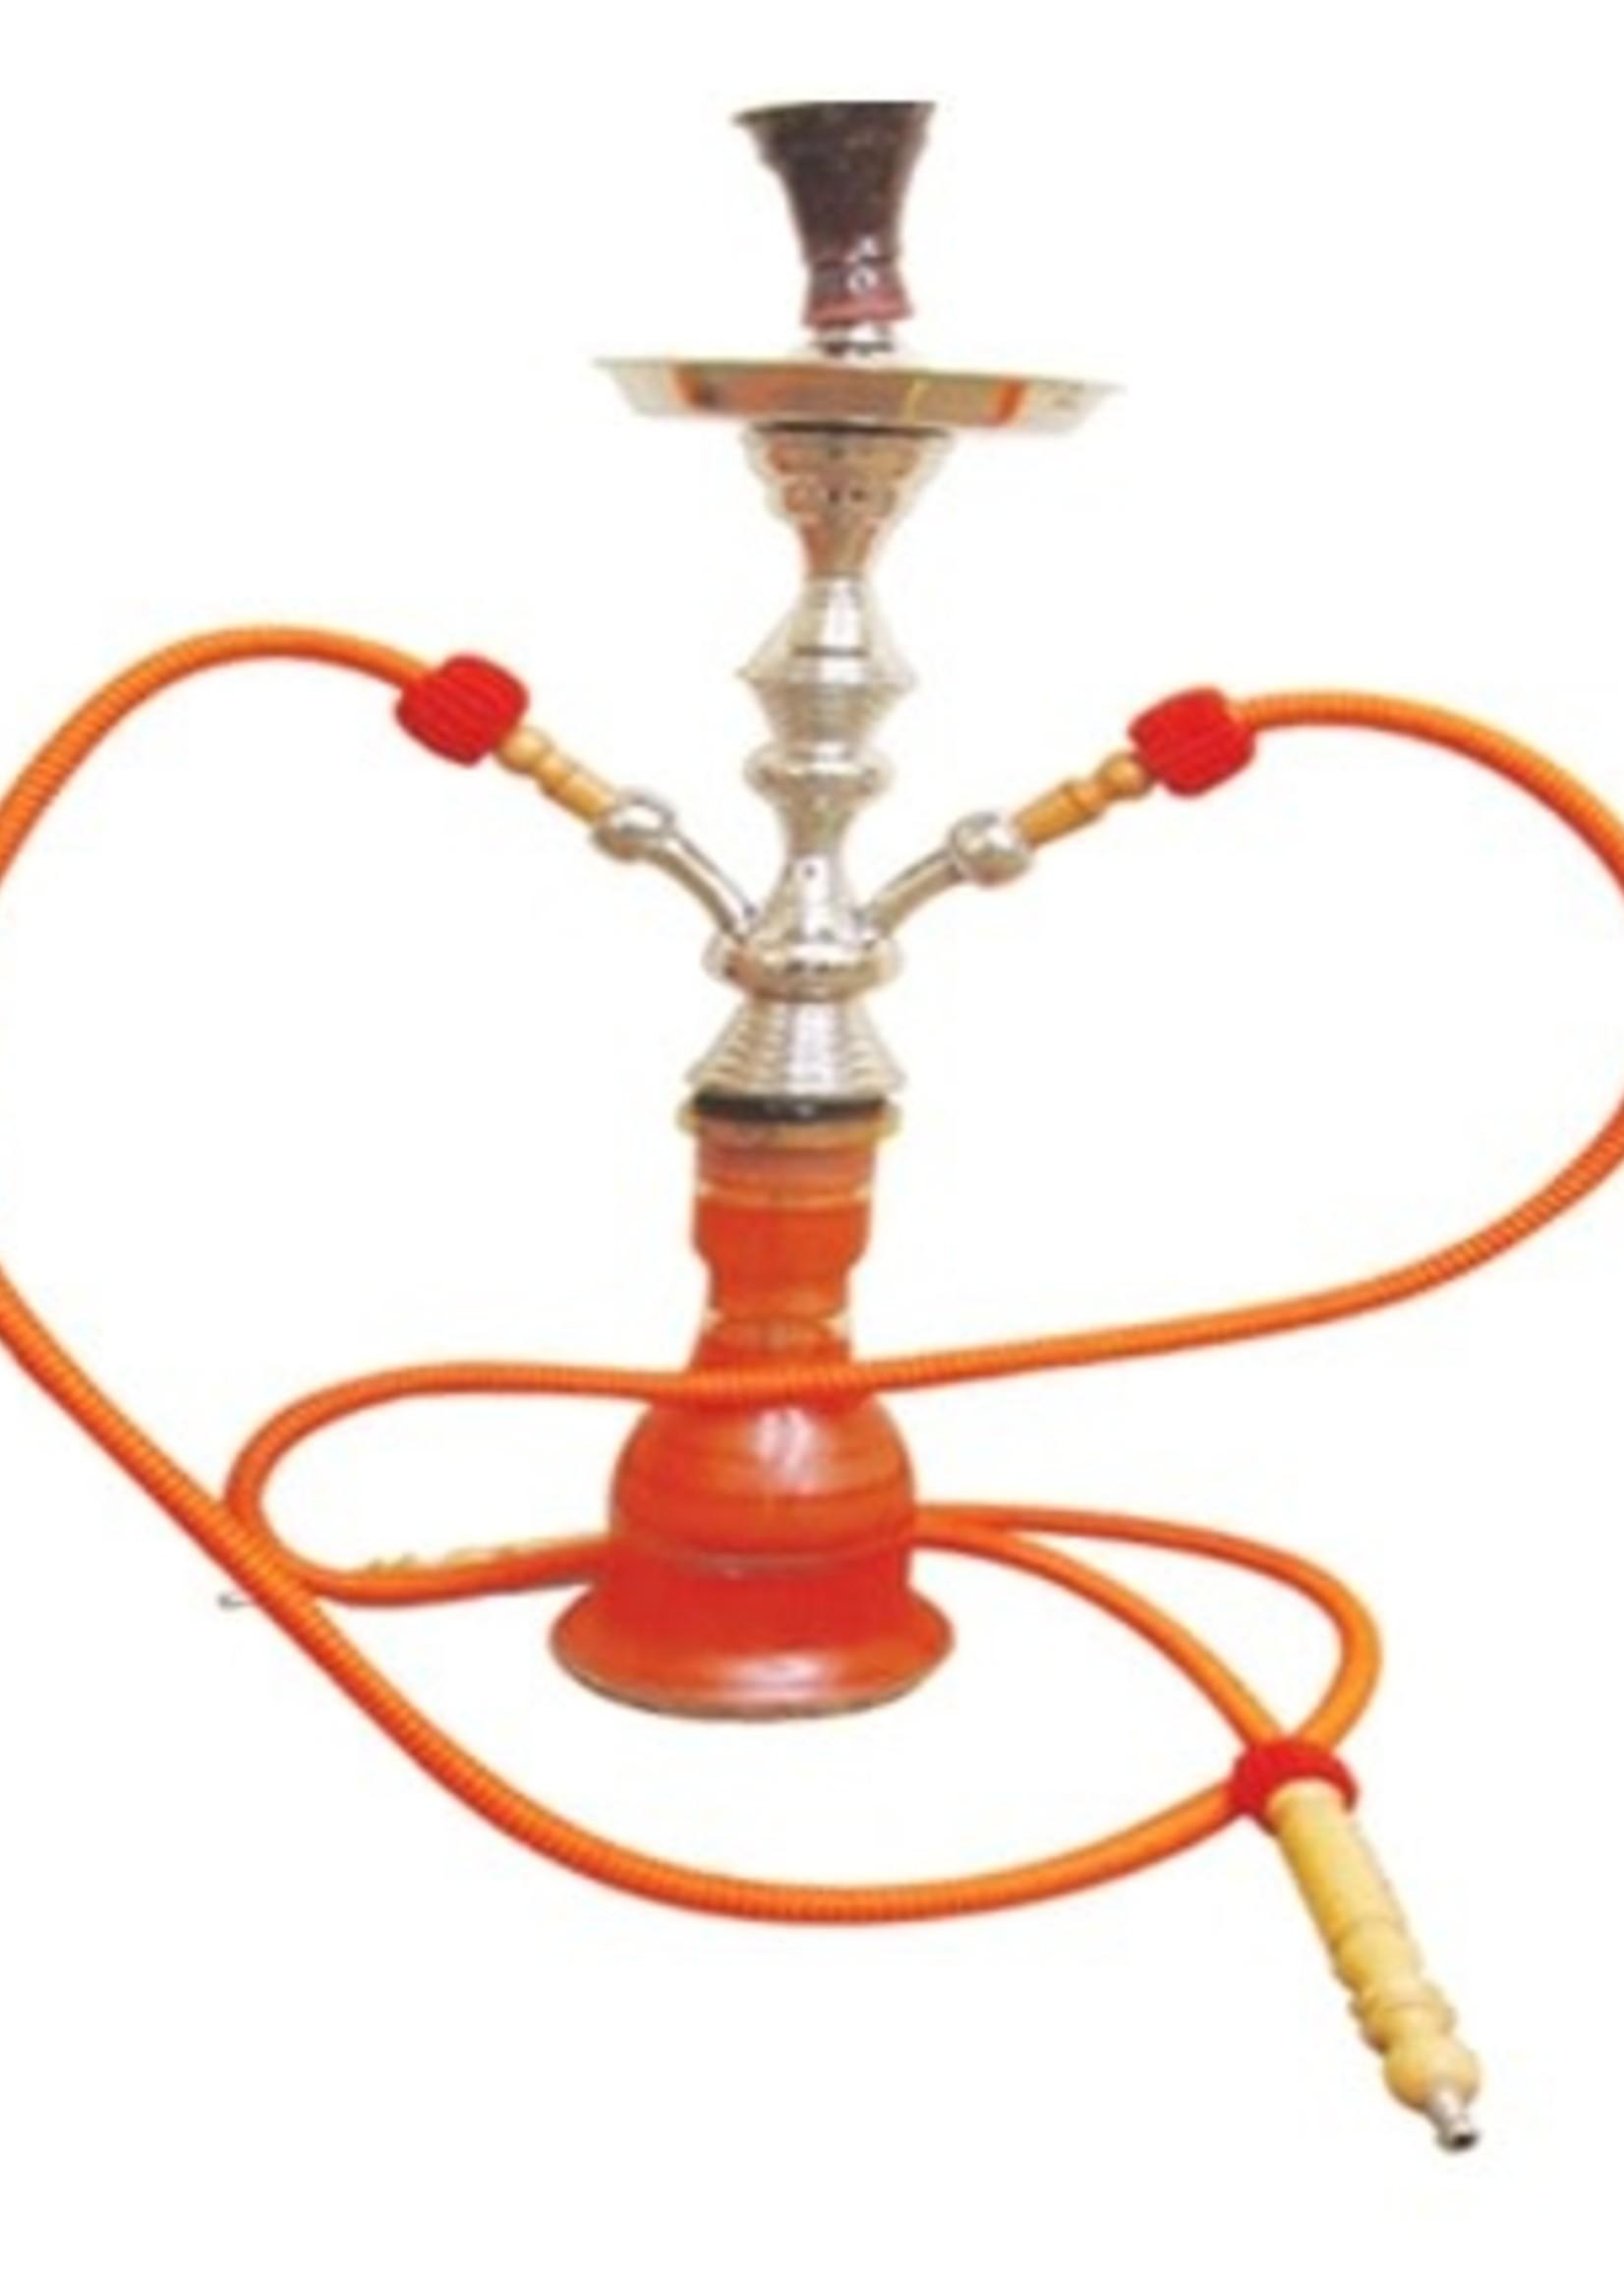 Egyptian Hubbly - Medium 2 pipe